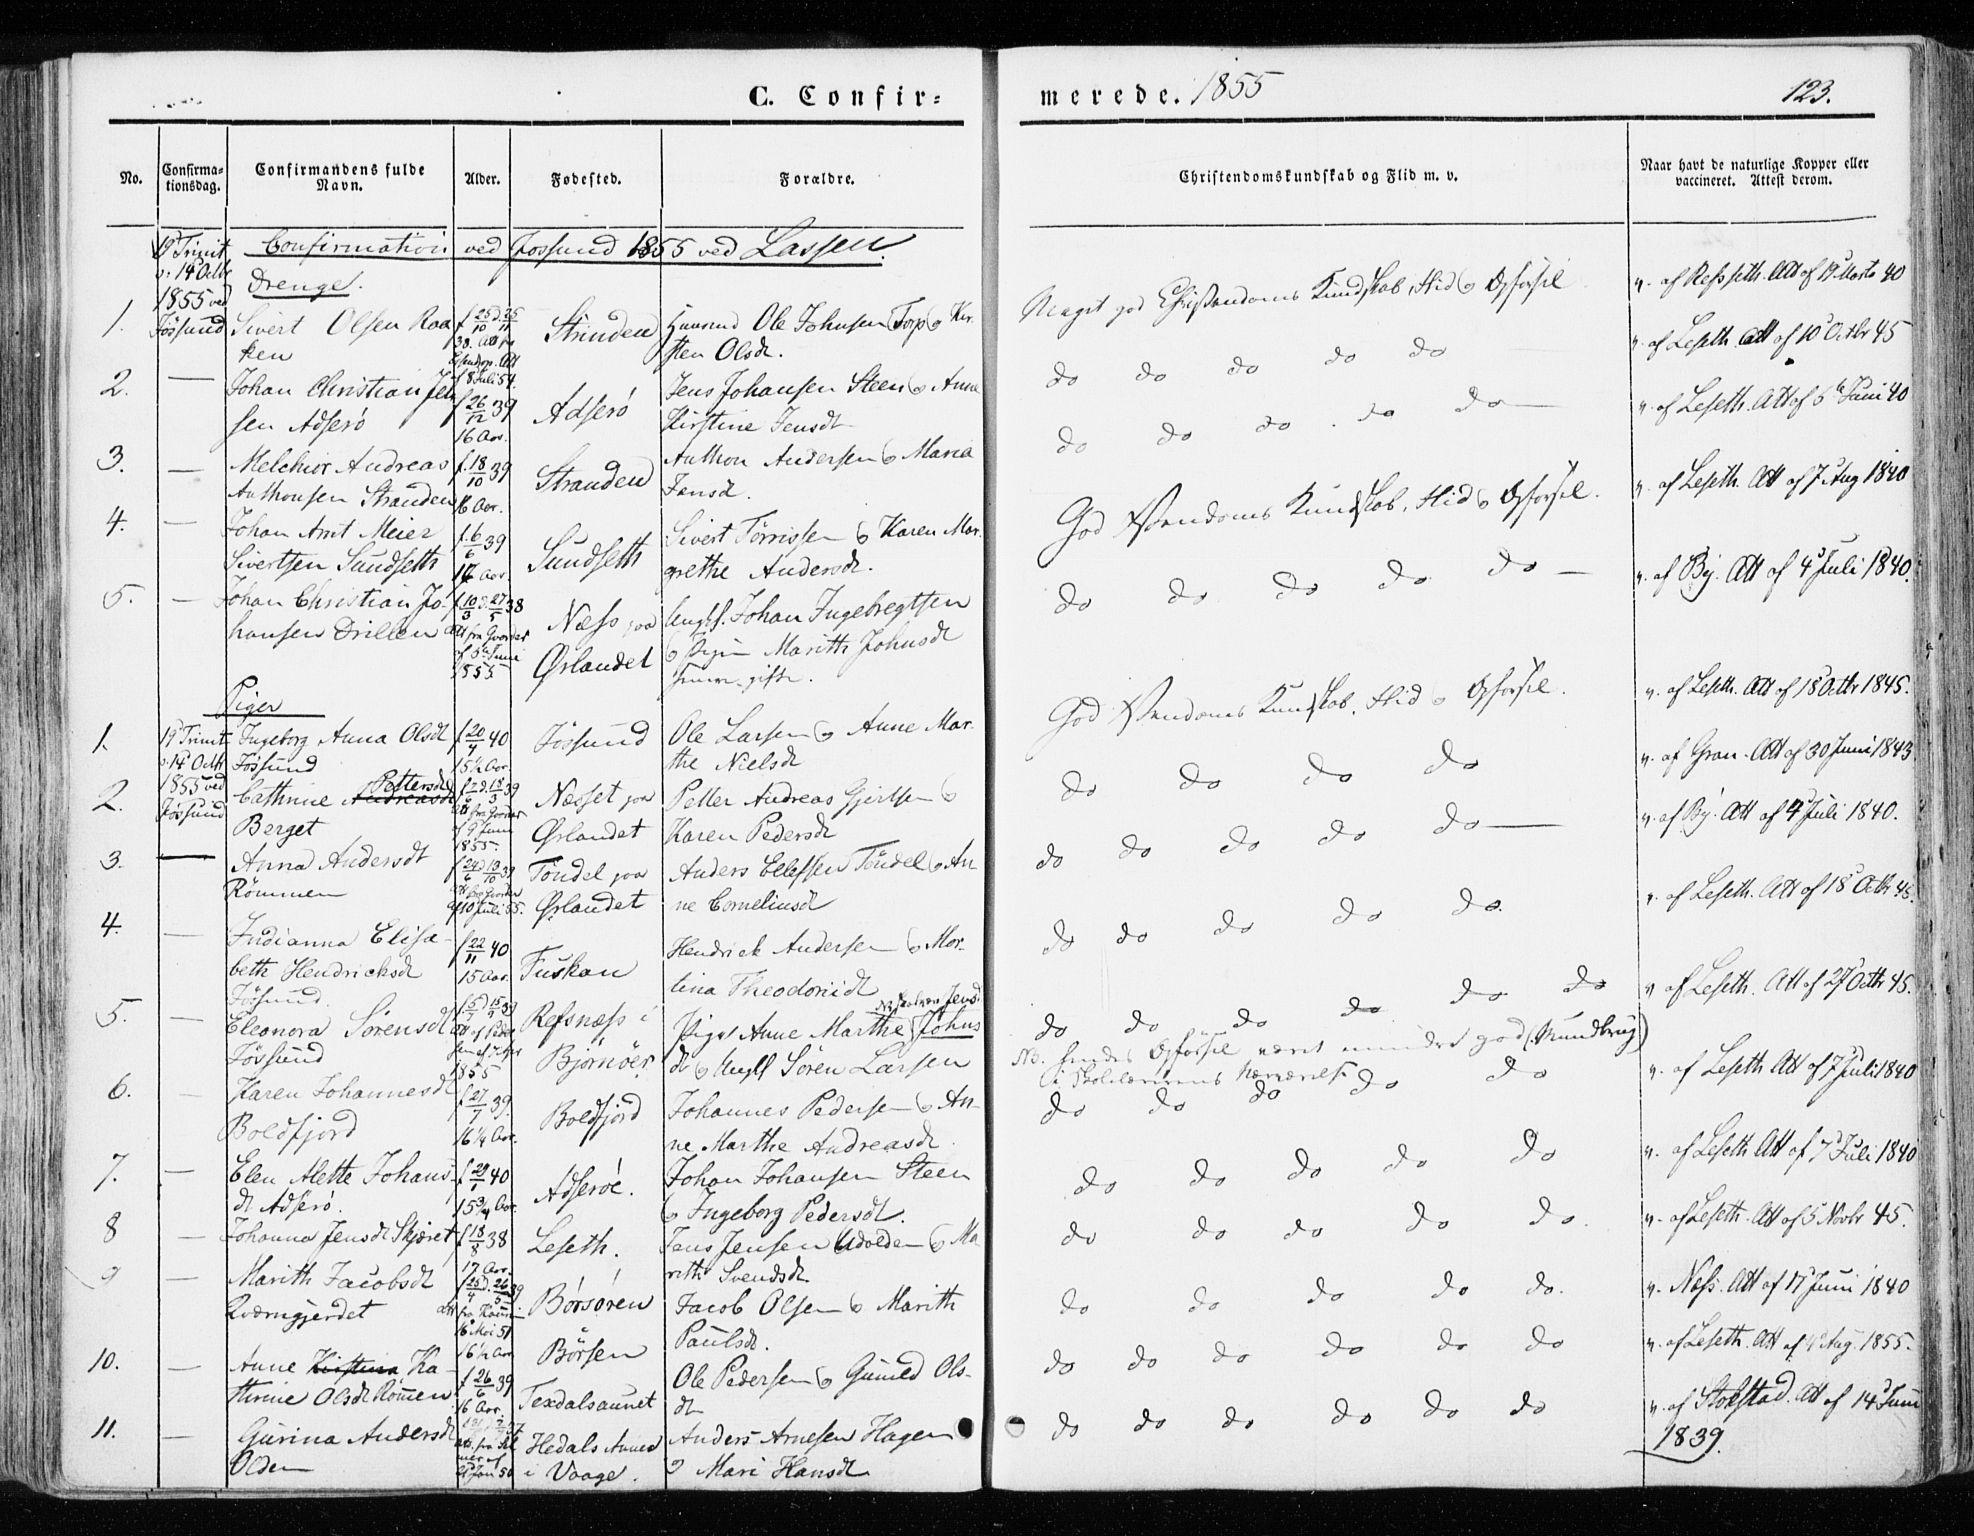 SAT, Ministerialprotokoller, klokkerbøker og fødselsregistre - Sør-Trøndelag, 655/L0677: Ministerialbok nr. 655A06, 1847-1860, s. 123